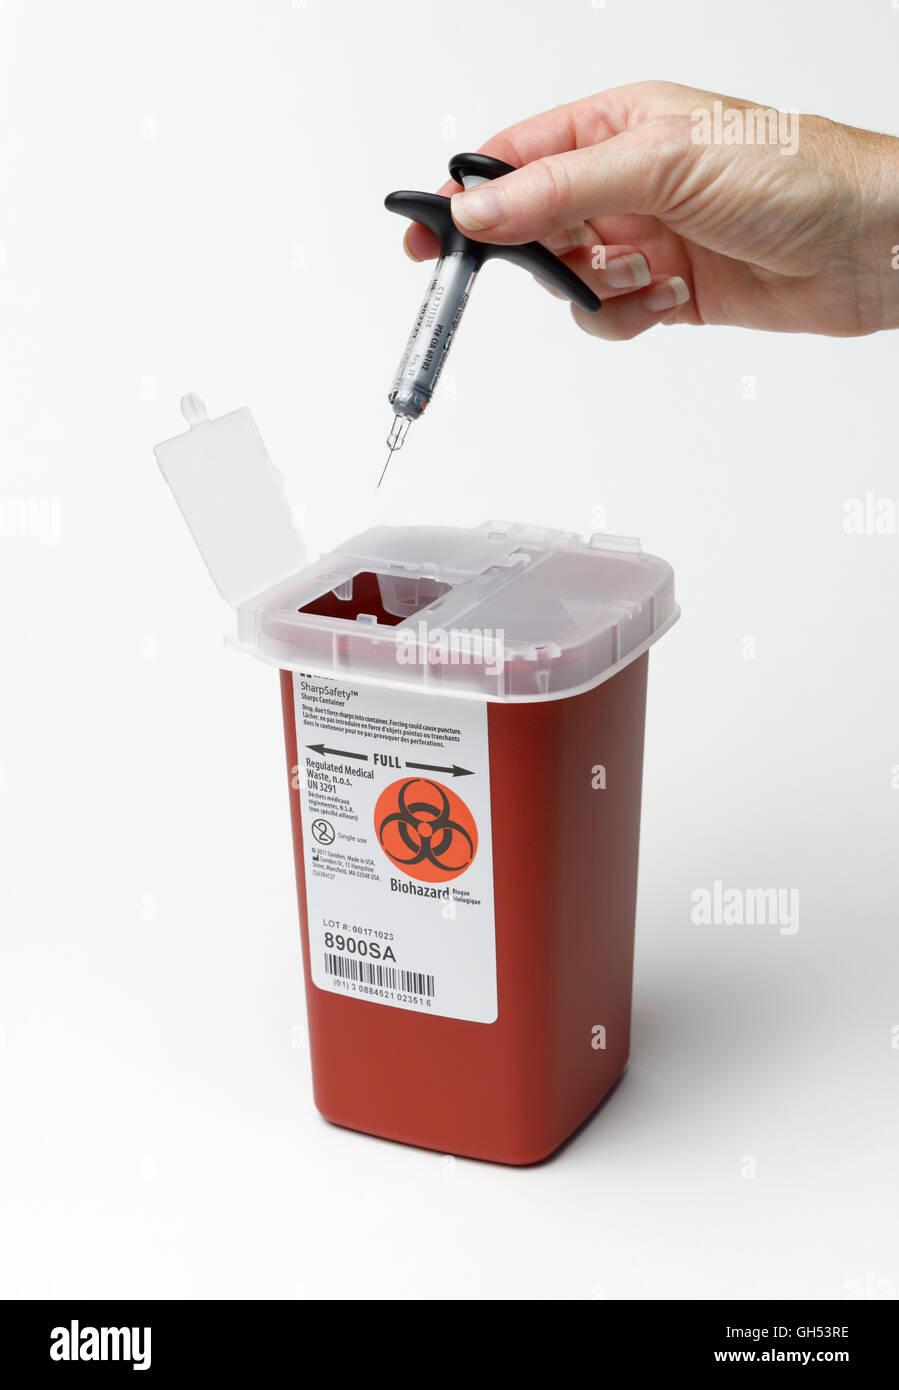 Eine Spritze in eine Sharps Container für medizinische Abfälle entsorgen, nach einer Injektion von Medizin Stockfoto